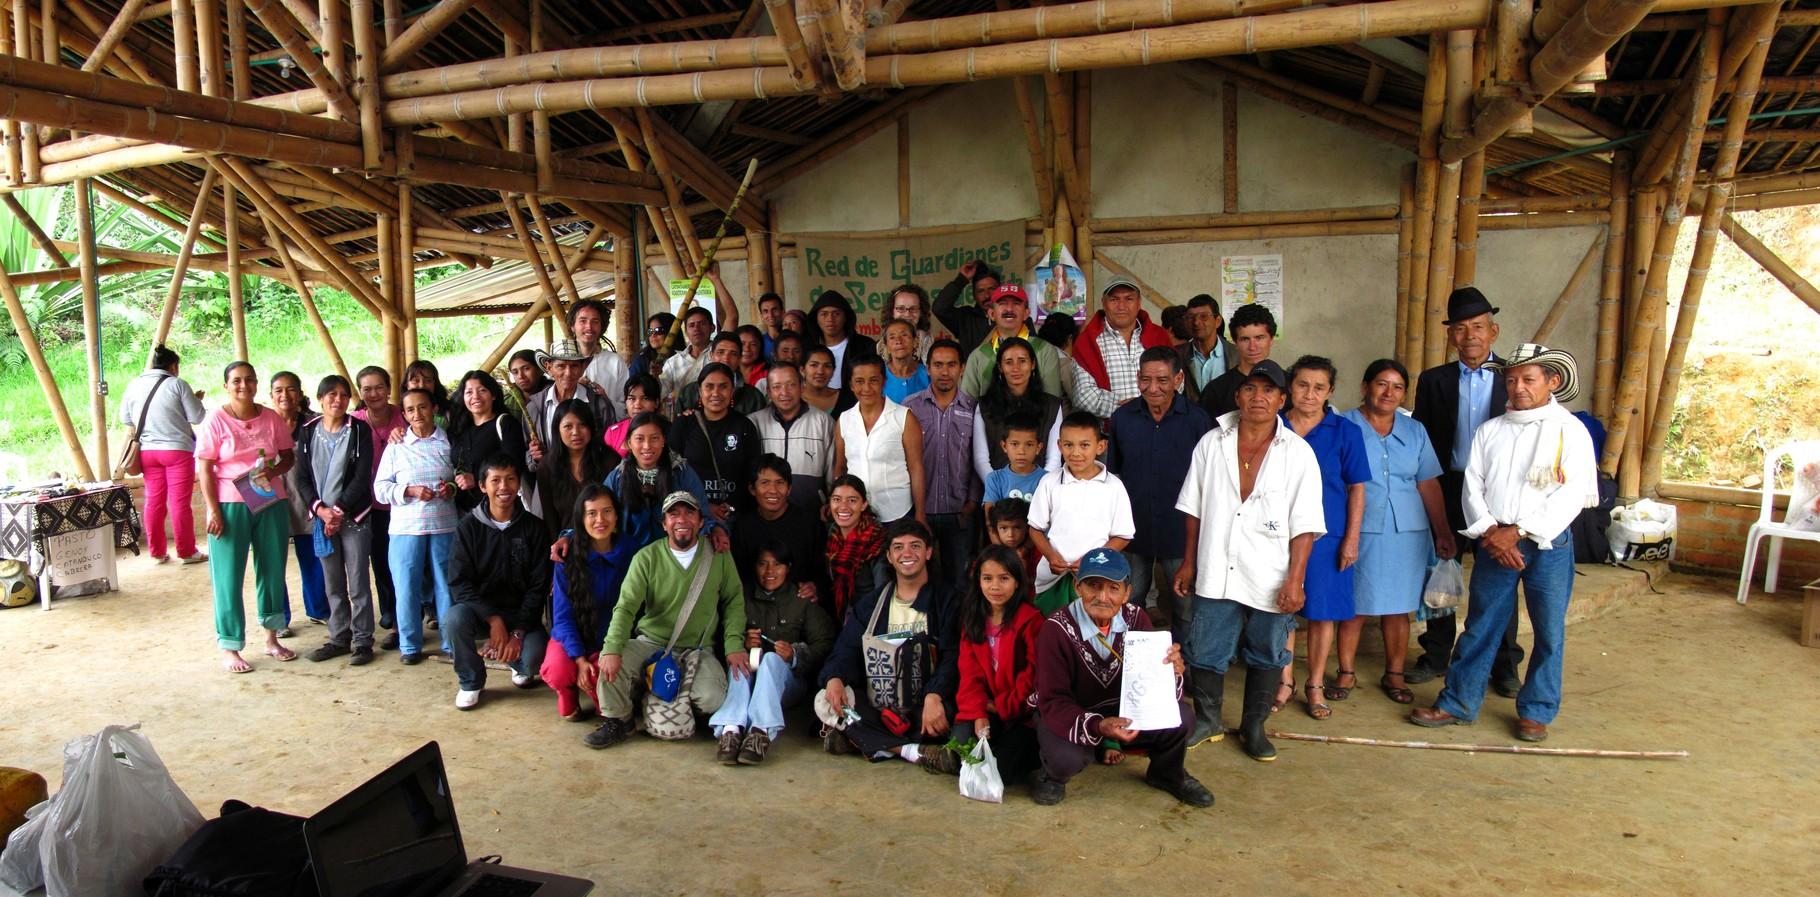 VI Encuentro de Guardianes de Semillas en San Lorenzo - Nariño. Sep/2011